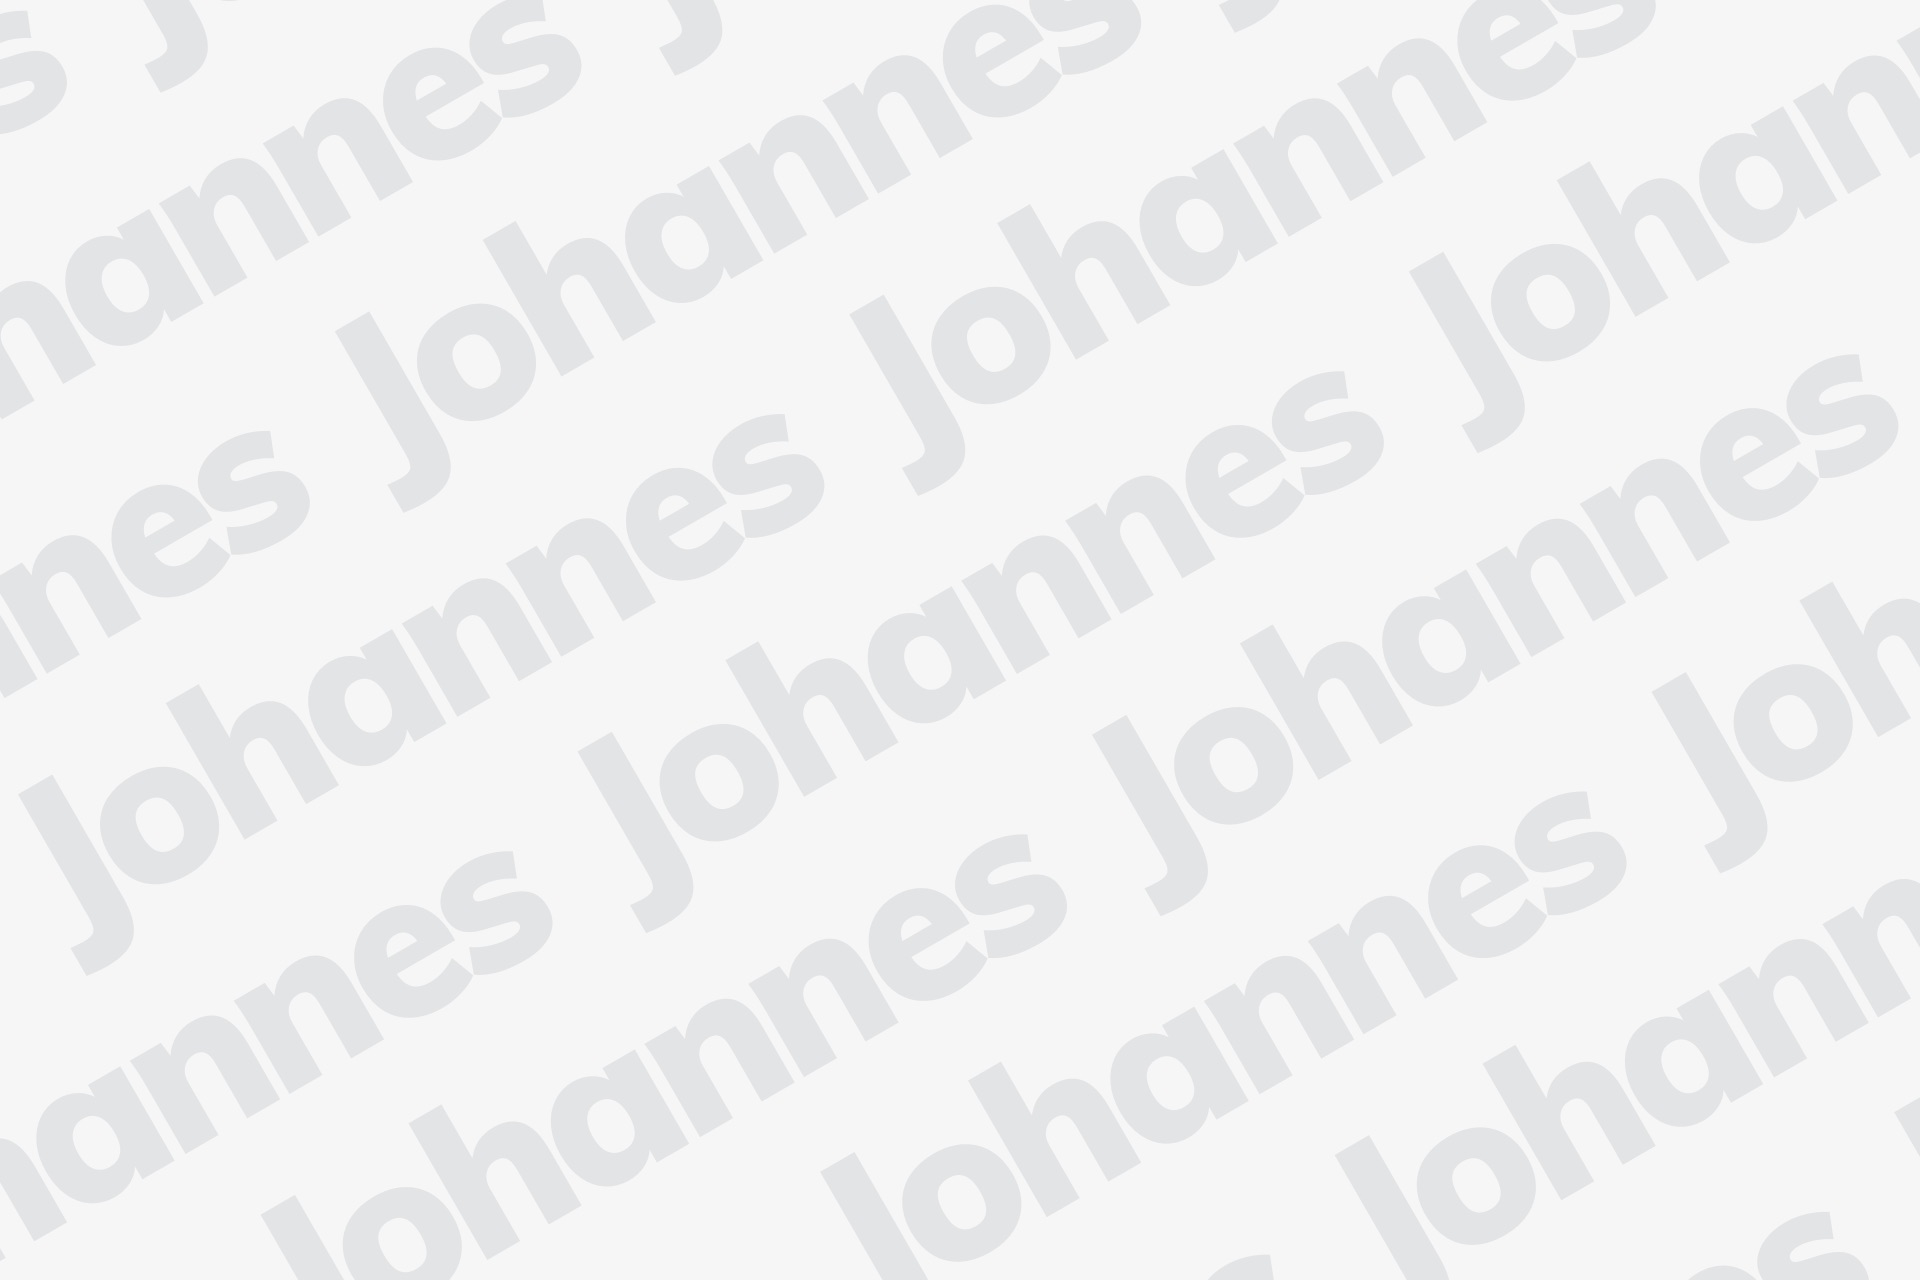 logo-lovetechstuff